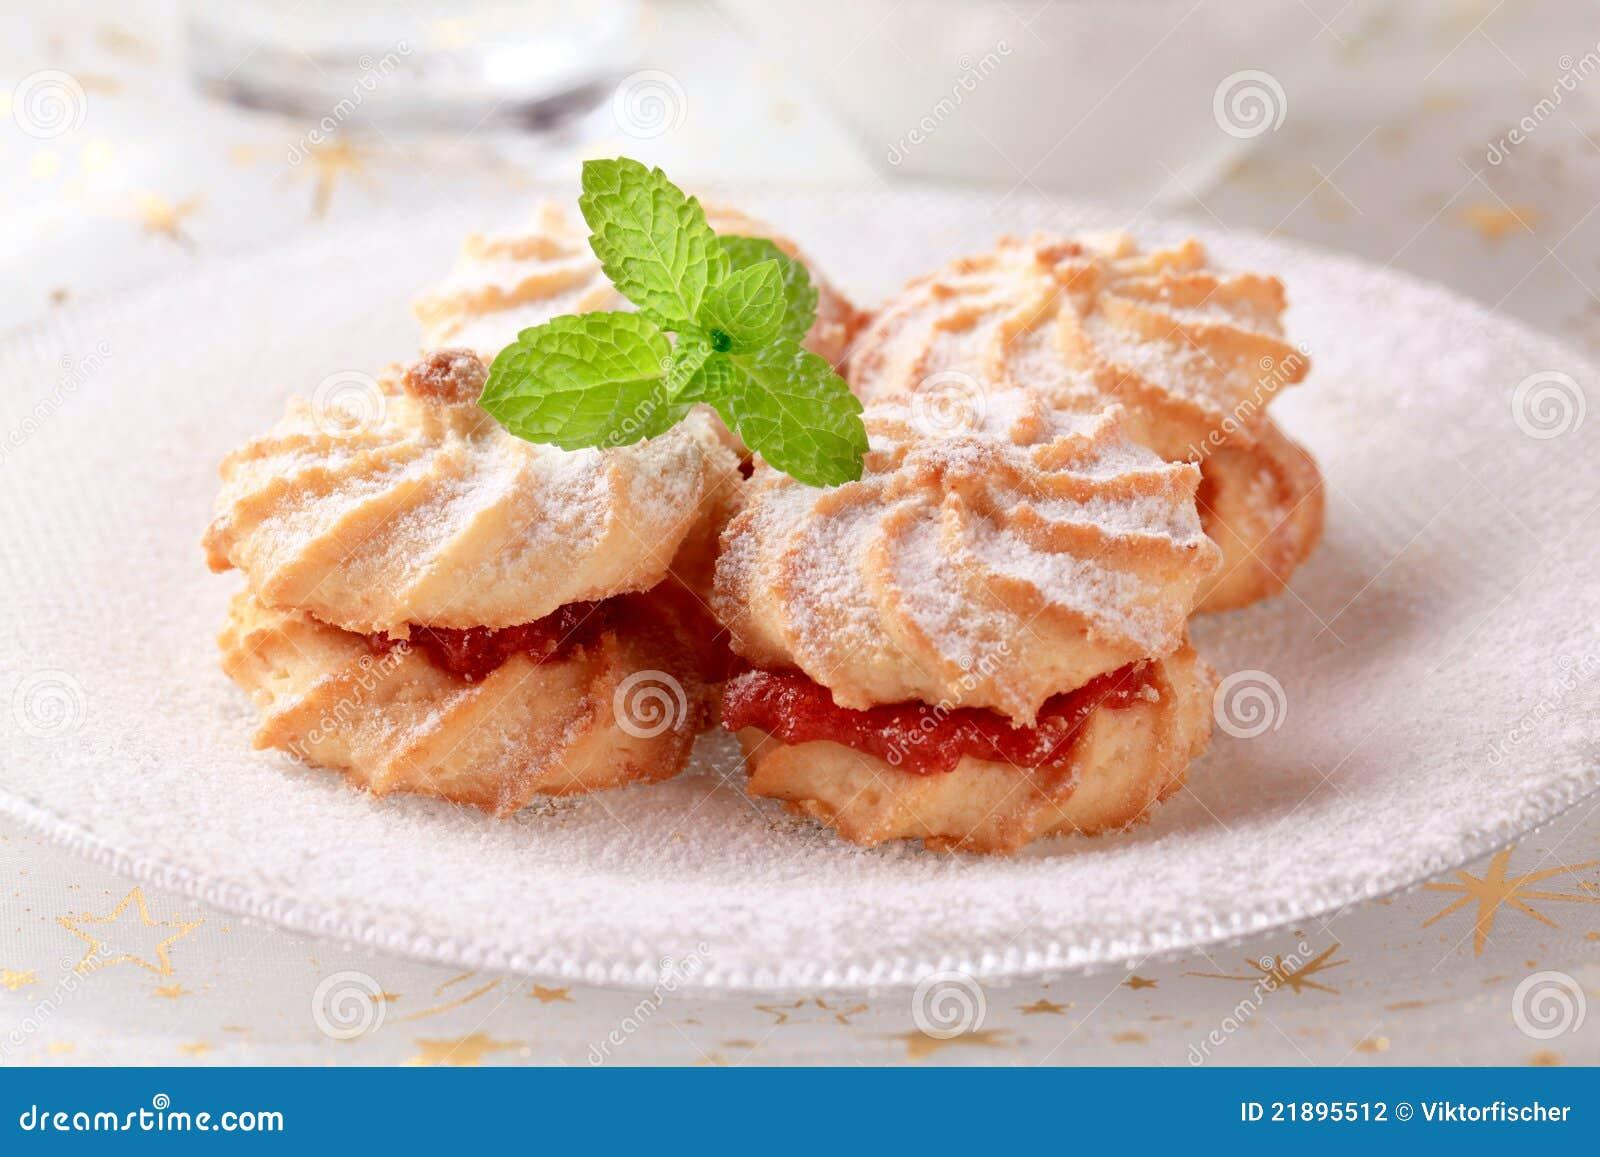 Biscotti Di Natale Con Marmellata.Biscotti Del Panino Alla Marmellata Fotografia Stock